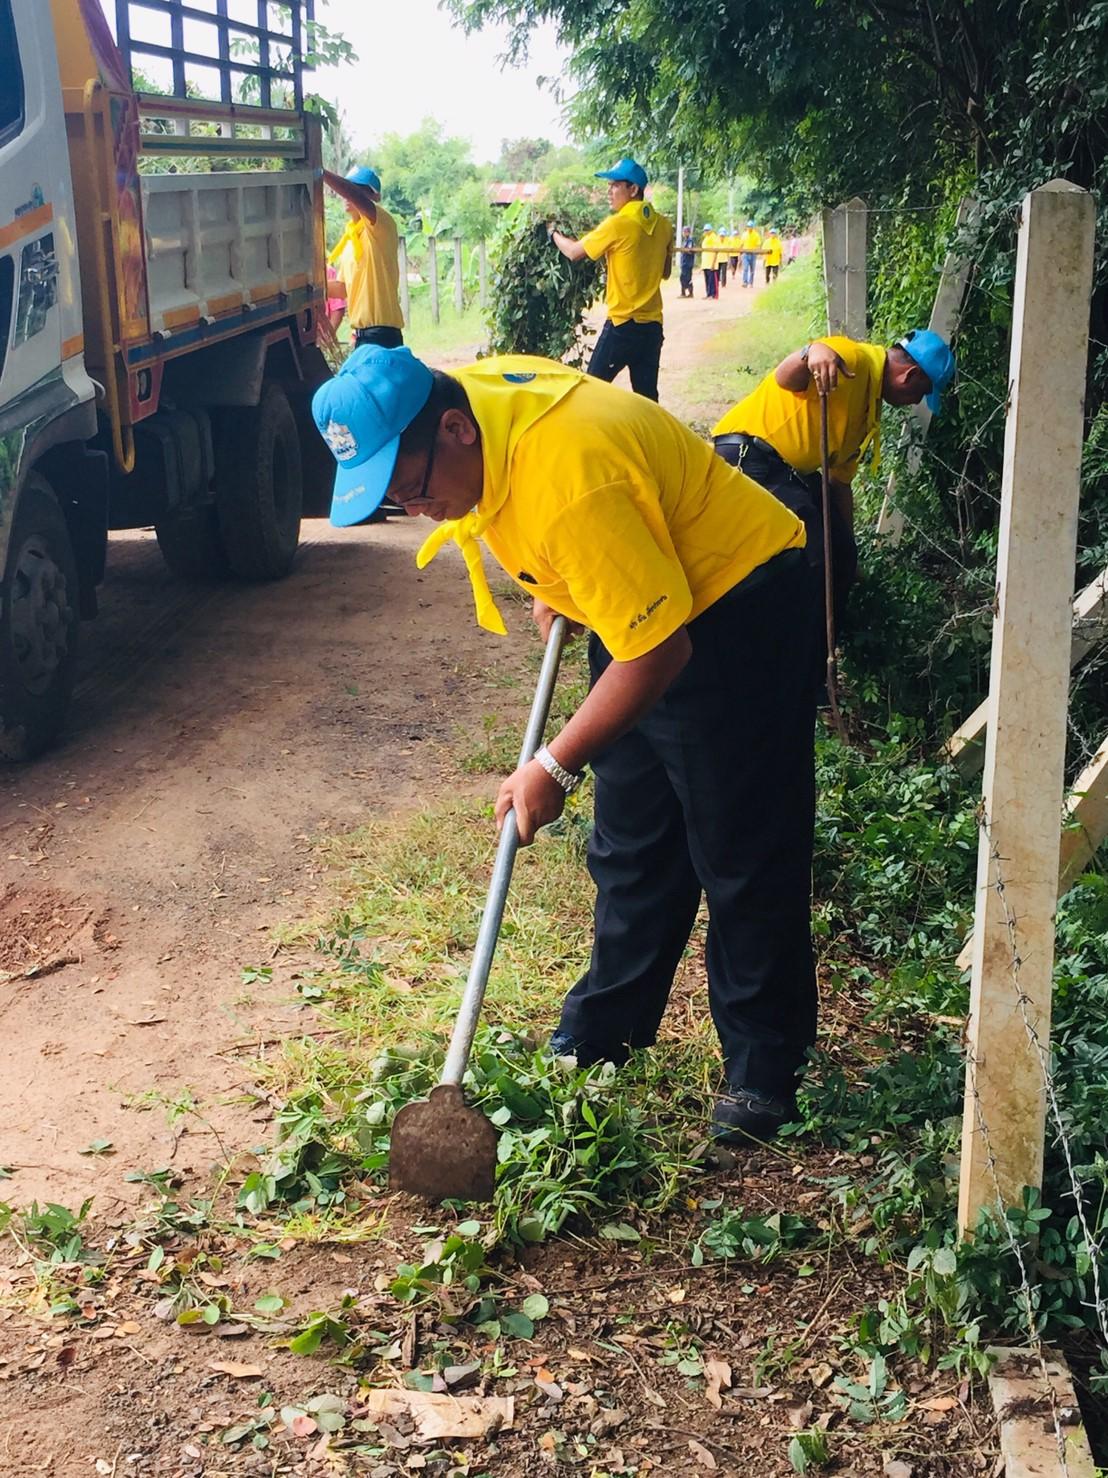 ไฟล์แนบ กปภ.สาขาศีขรภูมิ ร่วมกิจกรรมทำความสะอาดสระน้ำ ณ วัดบ้านนาท่ม